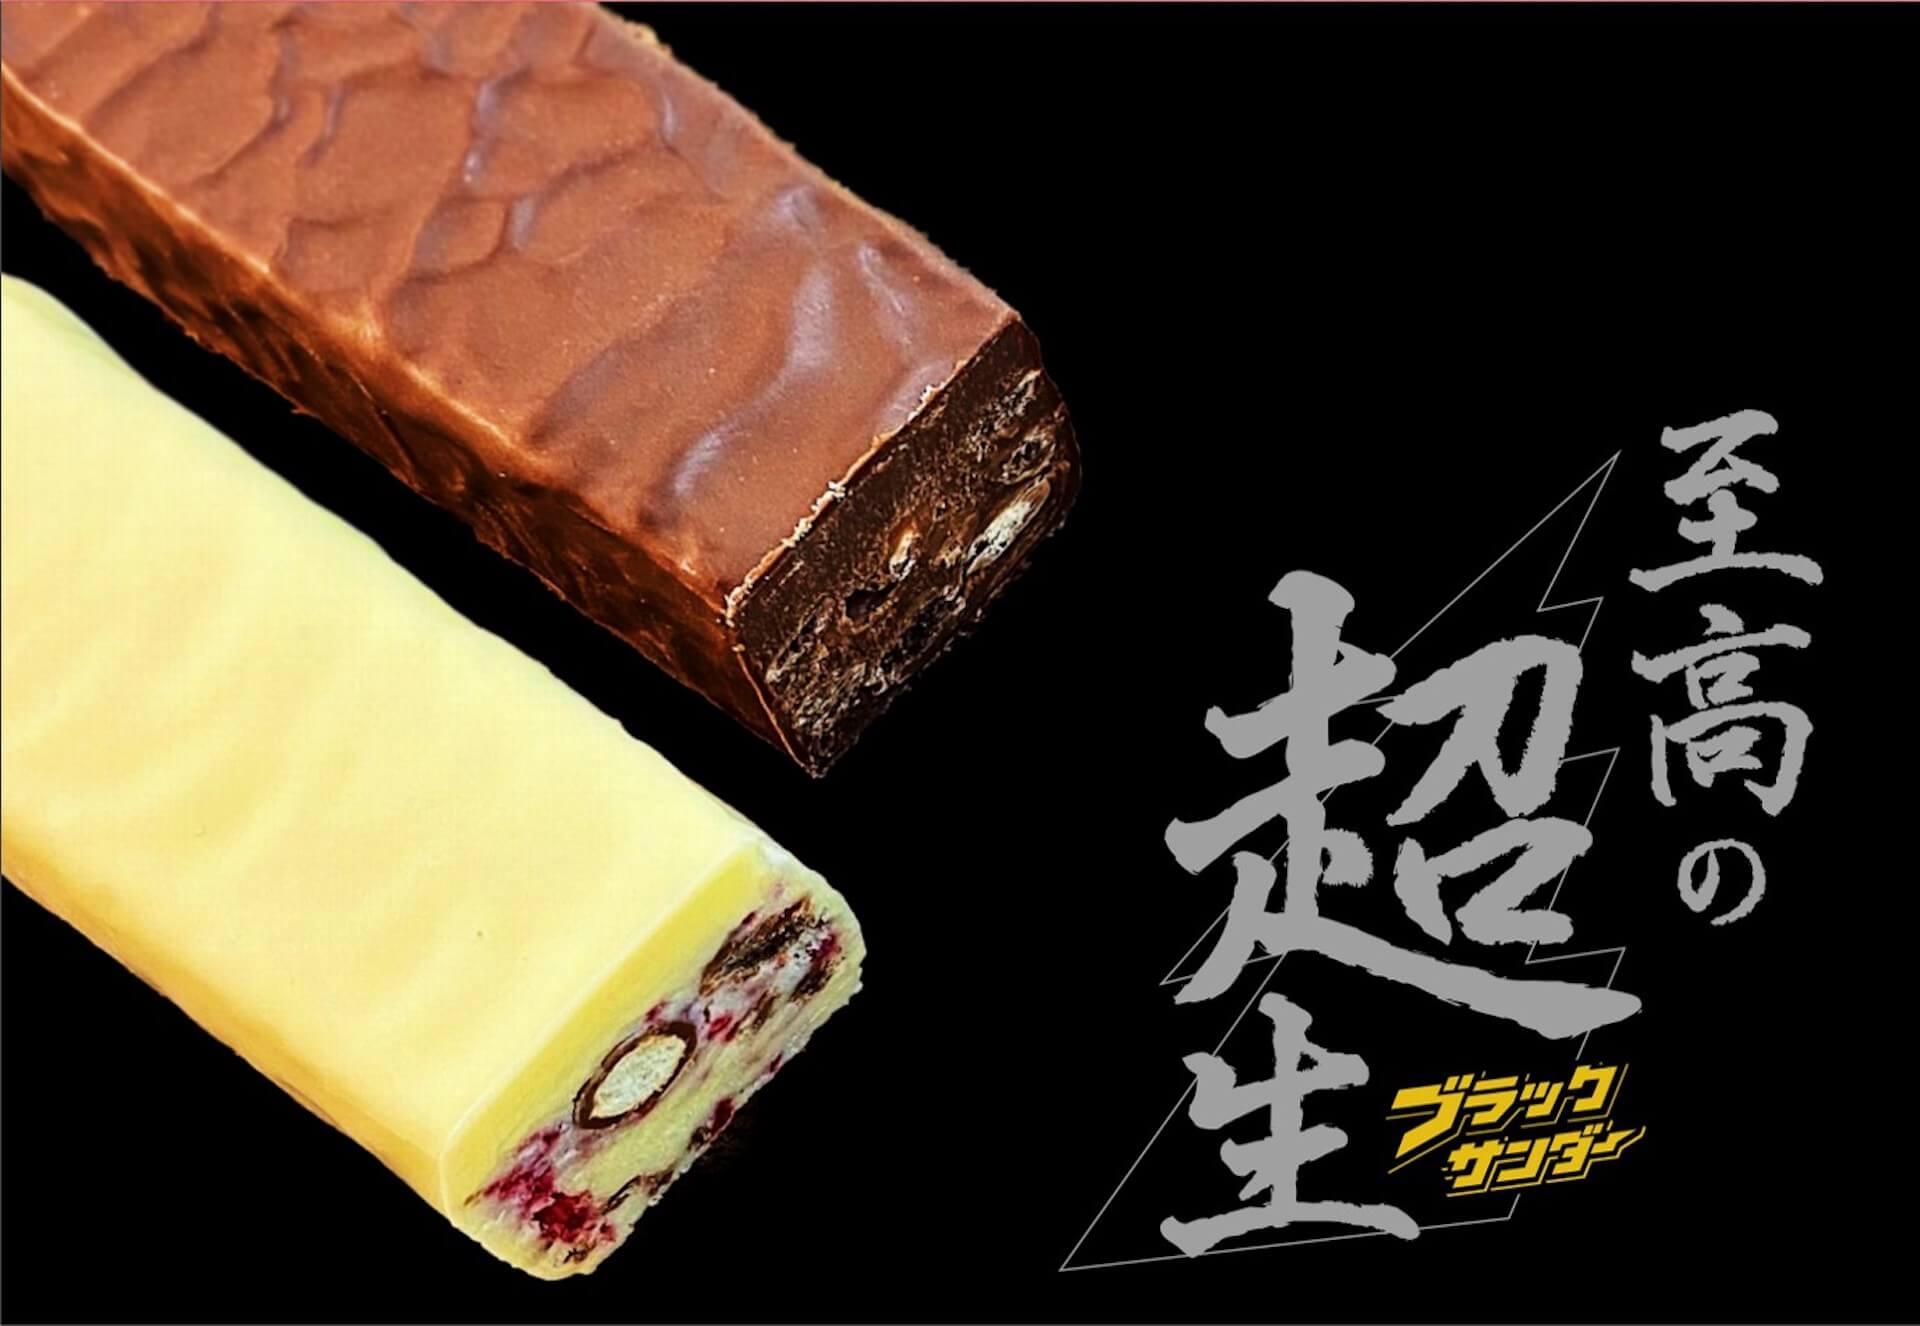 ブラックサンダーシリーズからバレンタイン限定商品が登場!クリーミーな生チョコや新食感のソースがけチョコが発売 gourmet210126_blacksanda_valentine_5